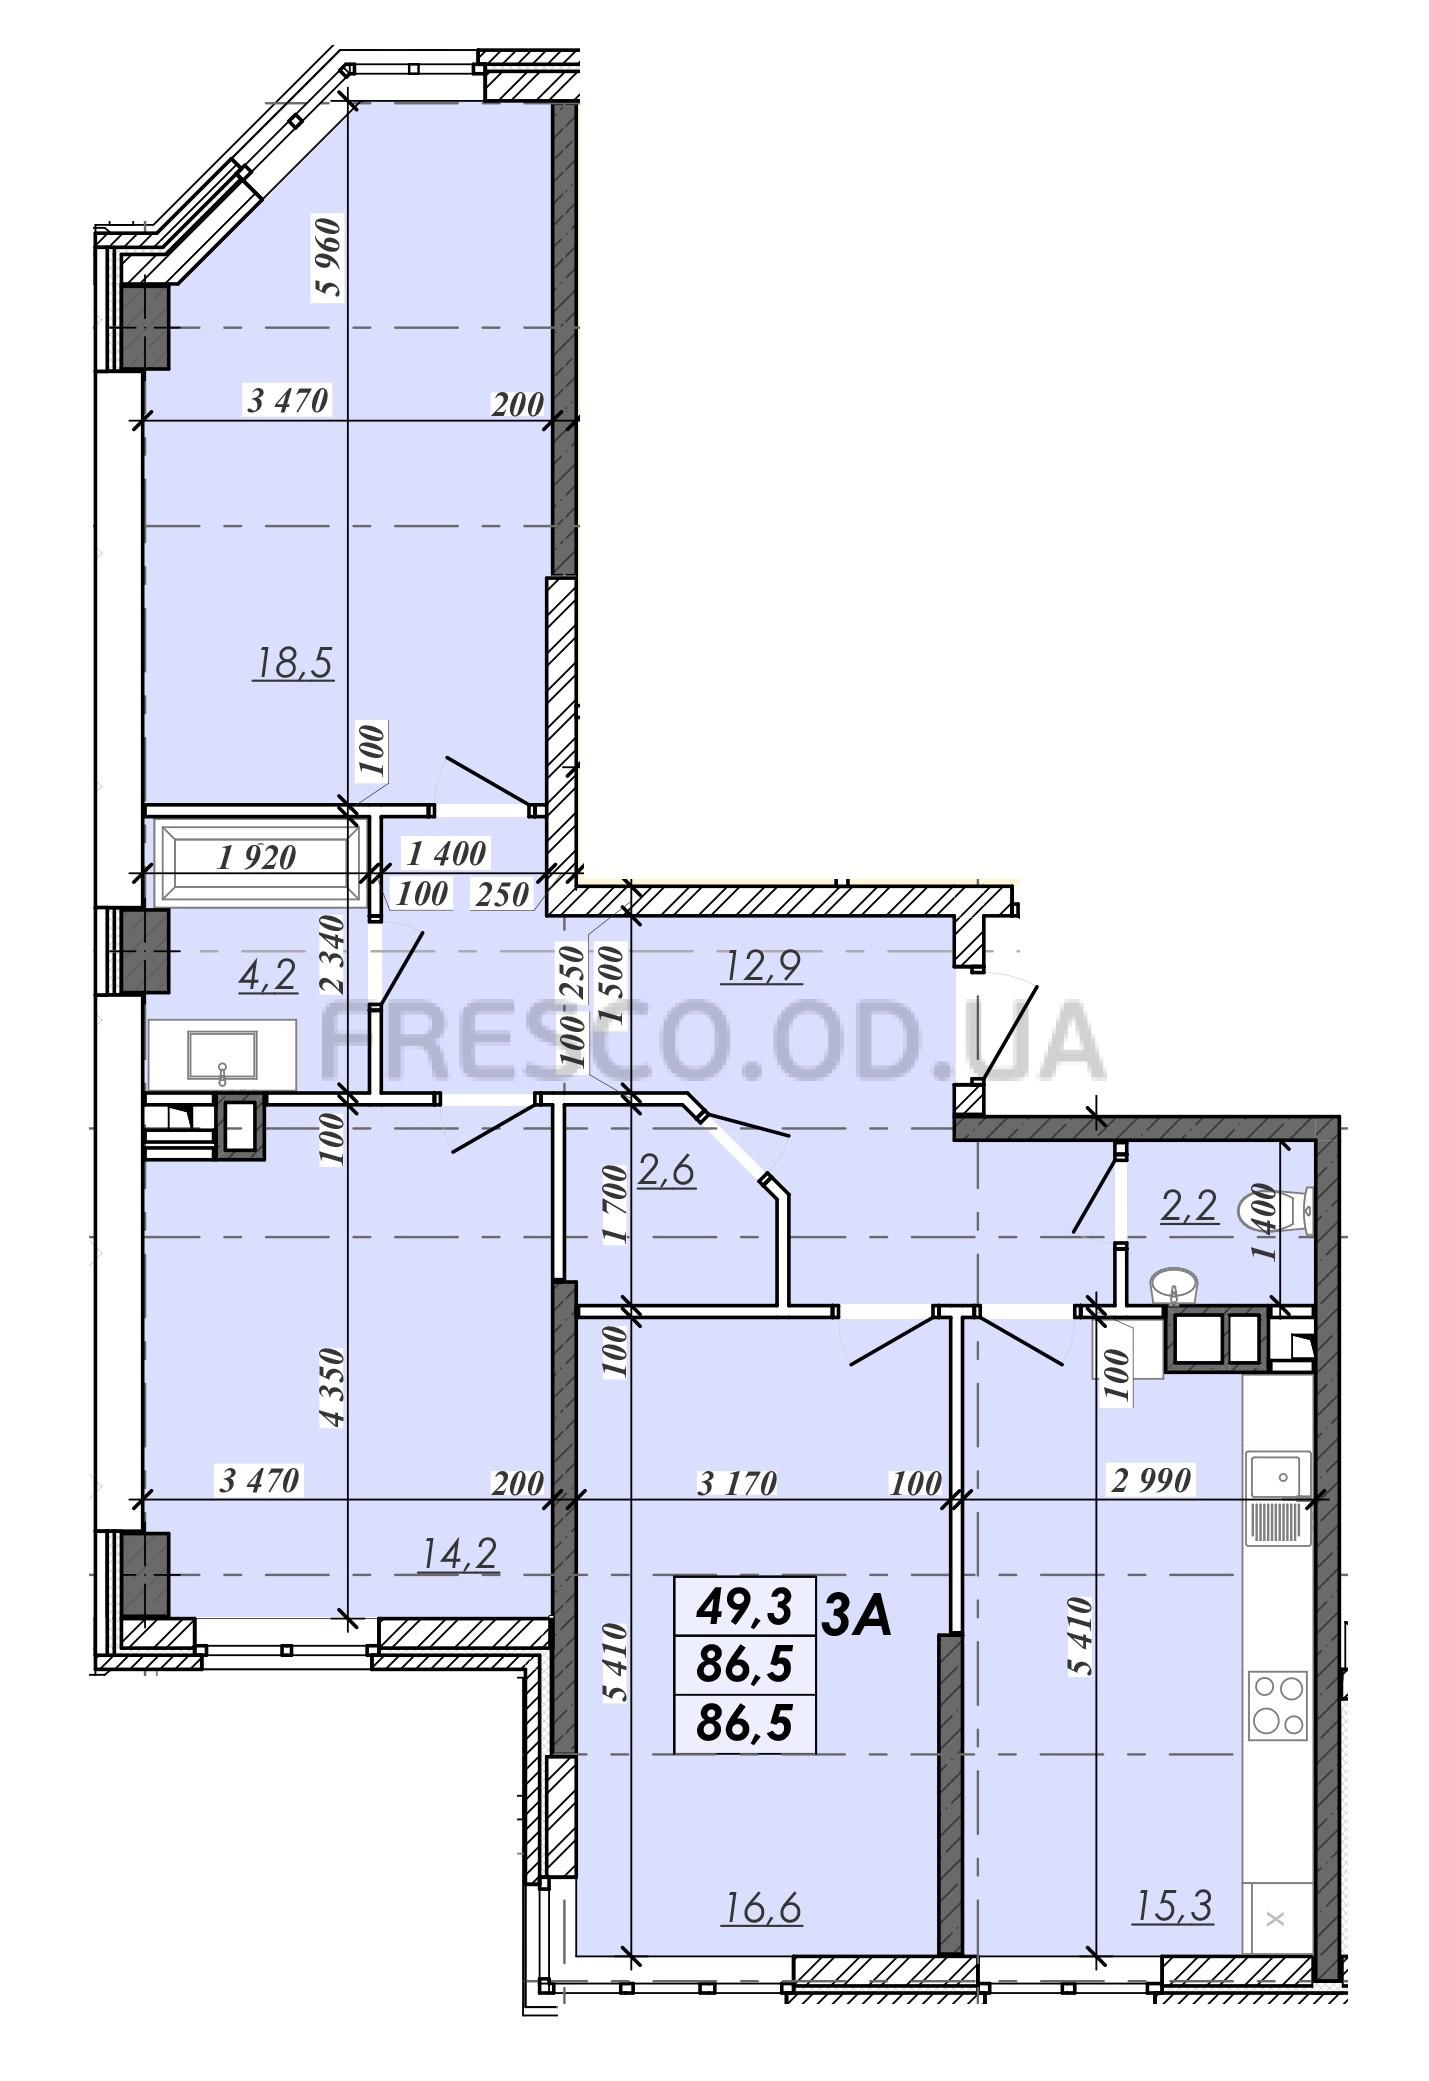 Трехкомнатная - ЖК RealPark (Реал Парк)$49280Площадь:88m²